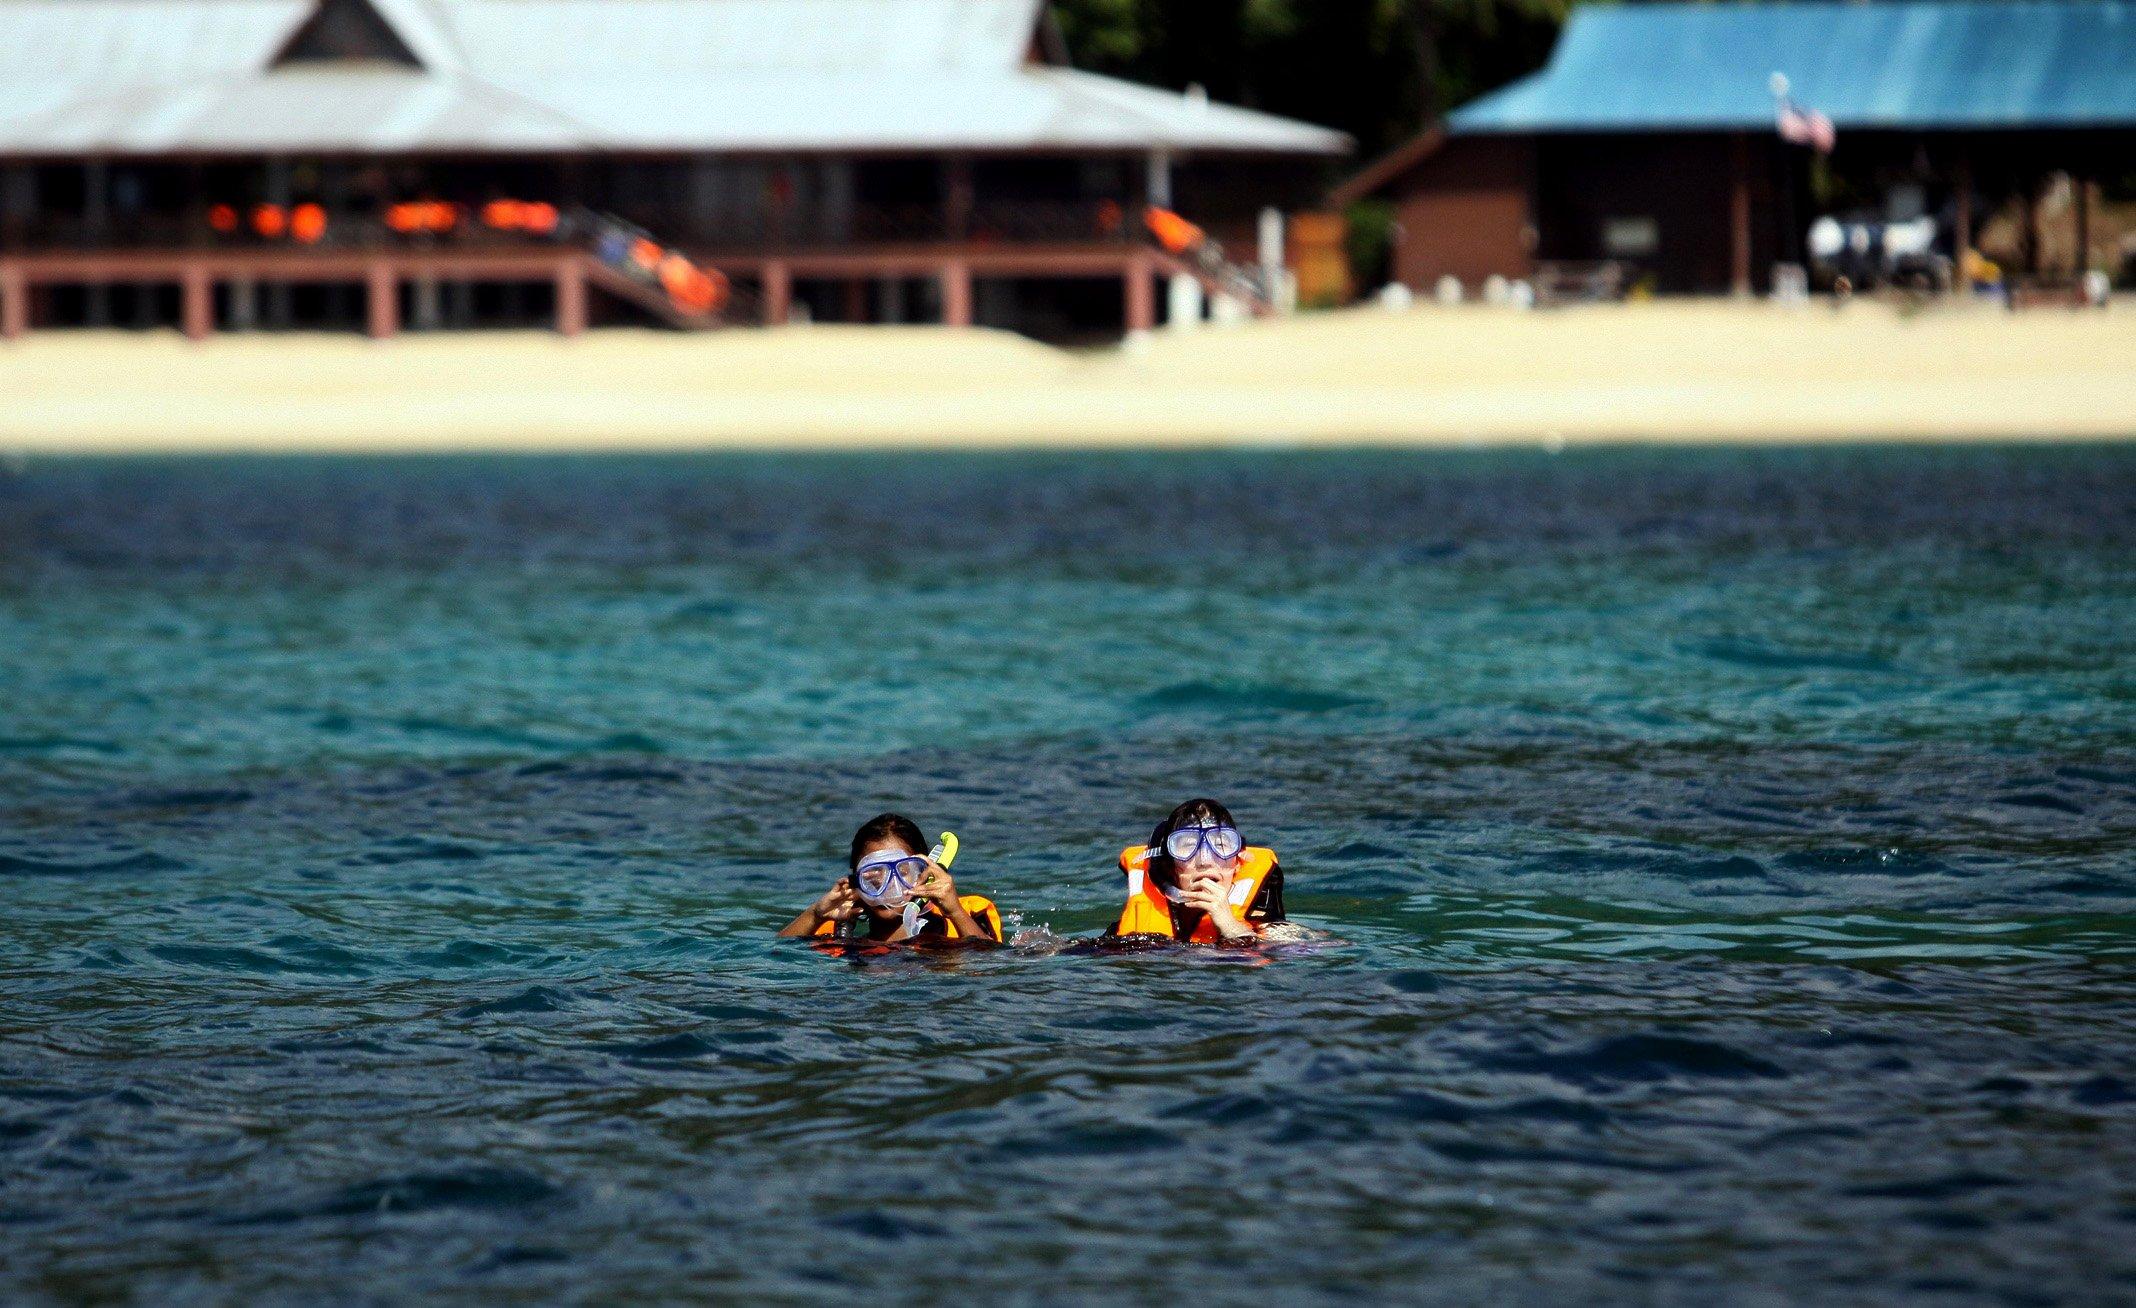 زيارة الى جزيرة تيومان في ماليزيا 1338601762